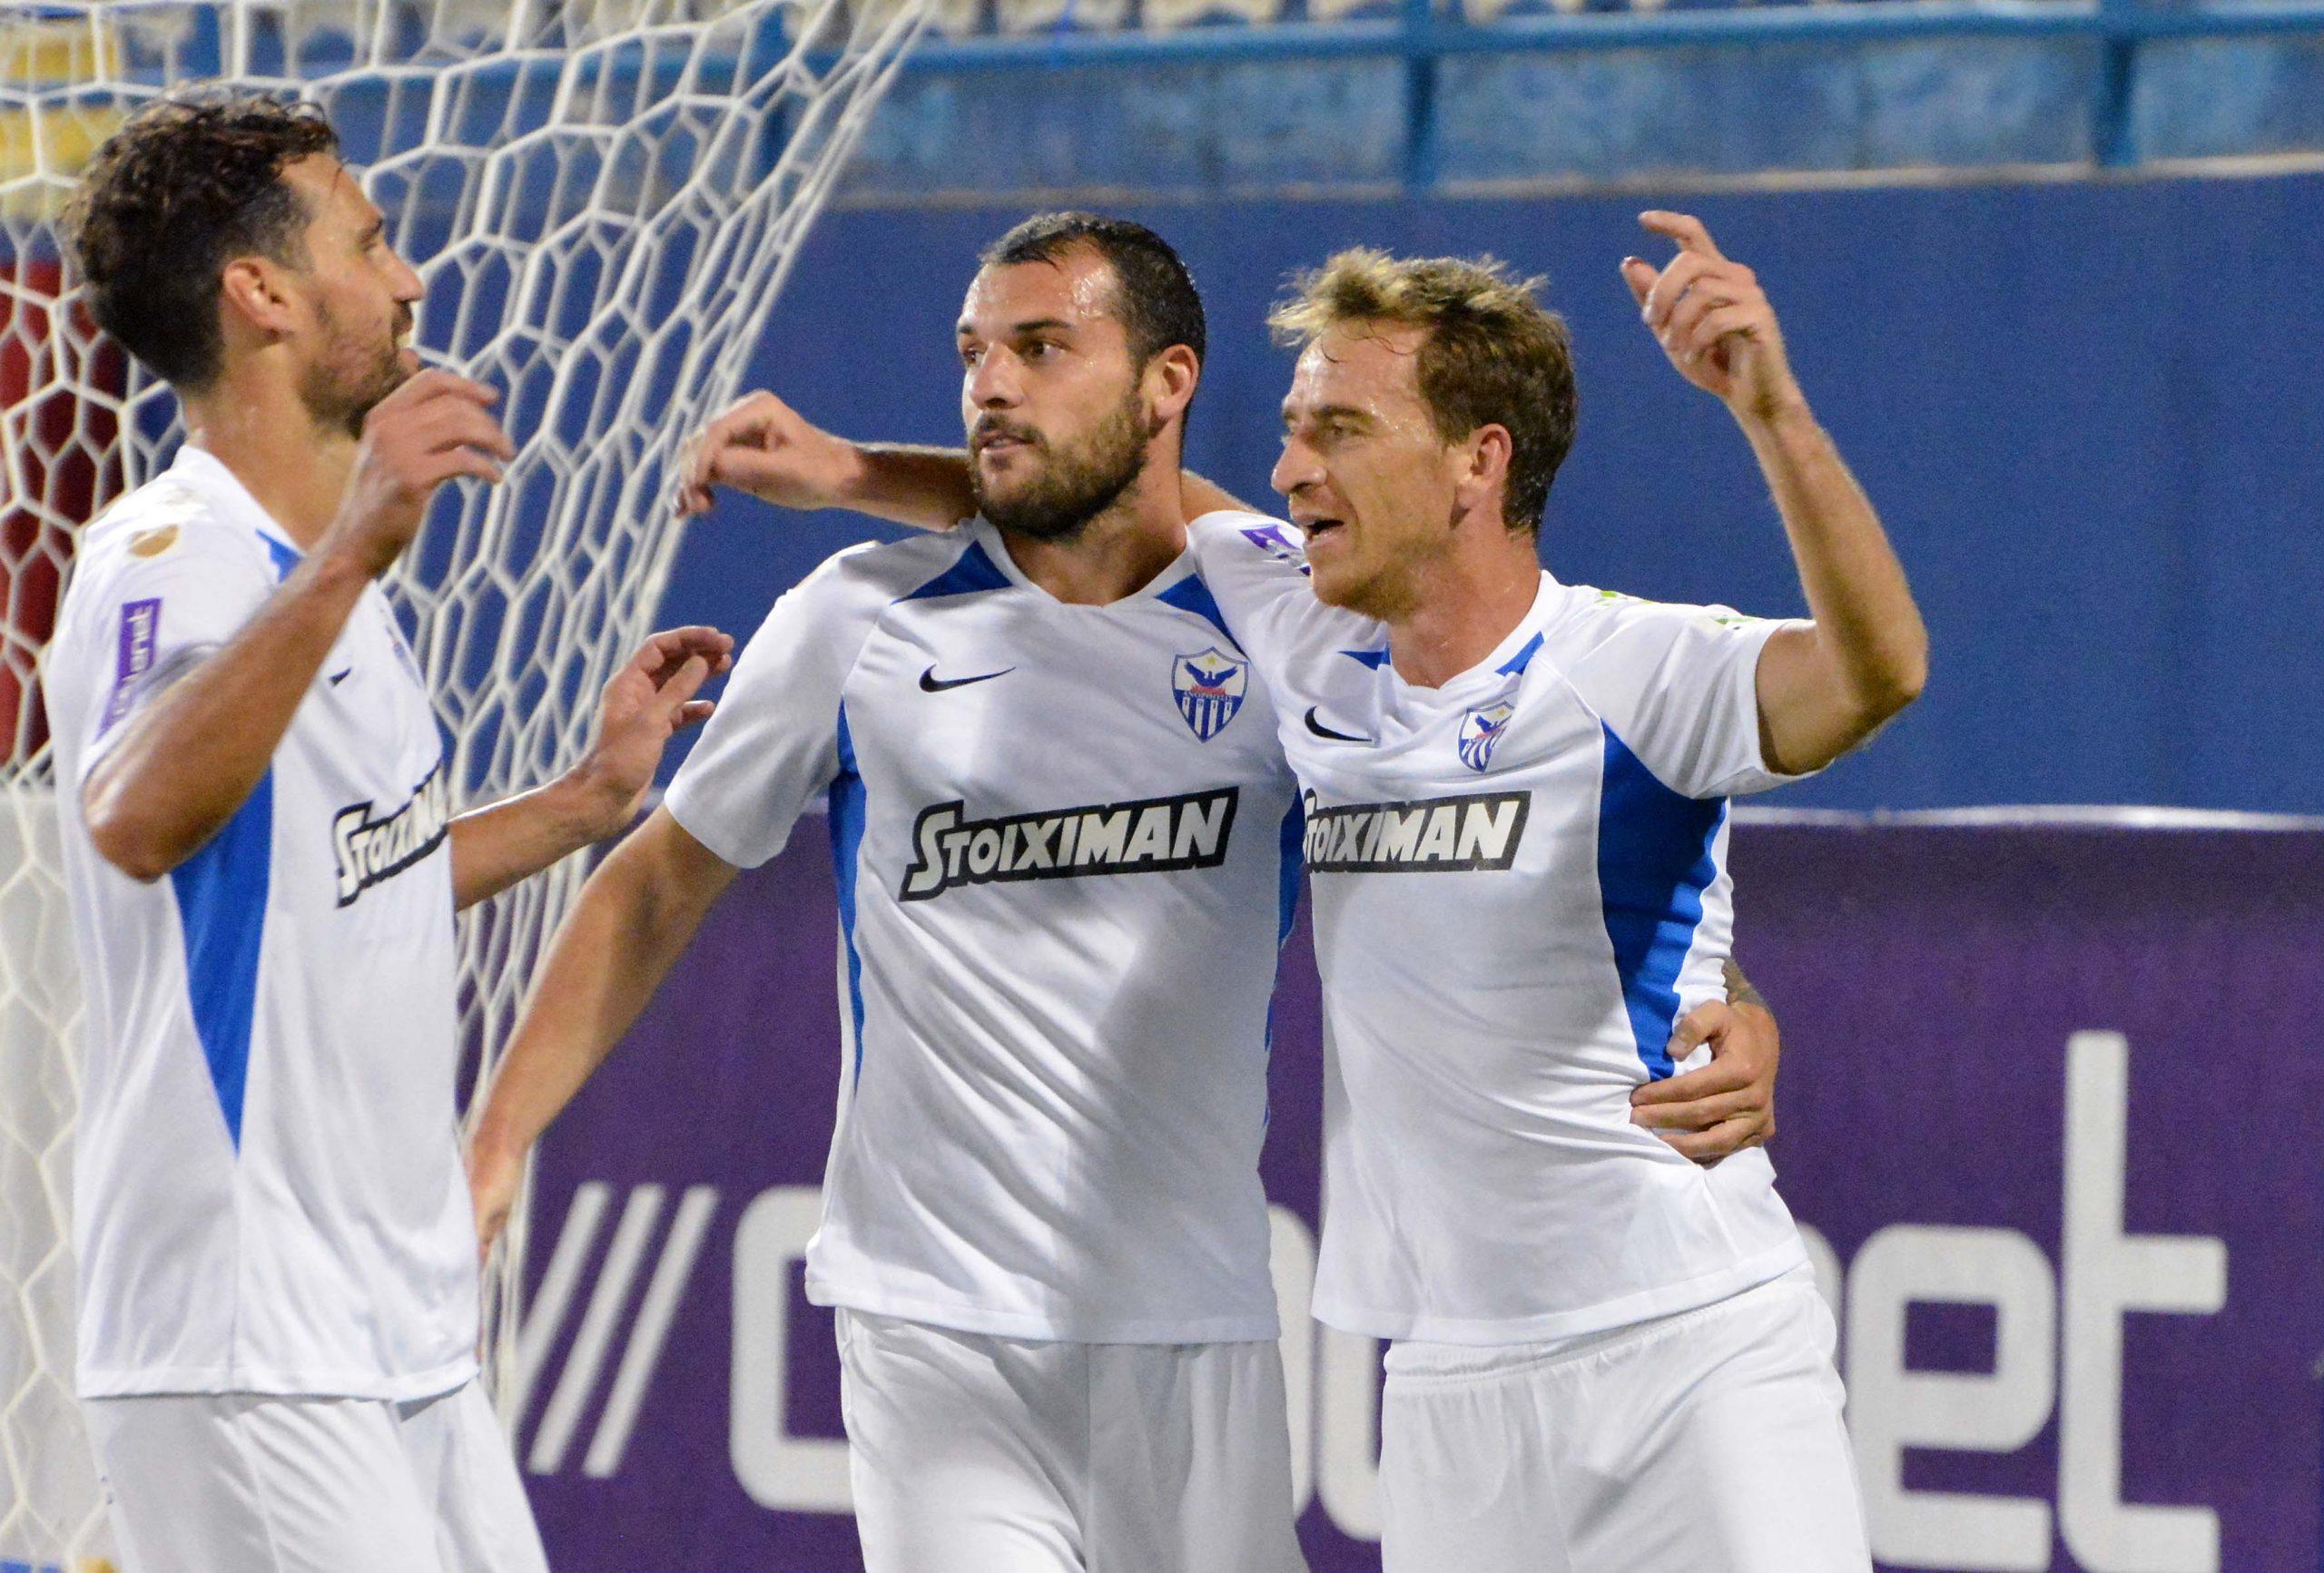 Ντέρμπι Ομόνοια – Ανόρθωση για το κυπριακό πρωτάθλημα με πάνω από 254 στοιχηματικές επιλογές, 0% γκανιότα* και Cash Out από την Stoiximan!